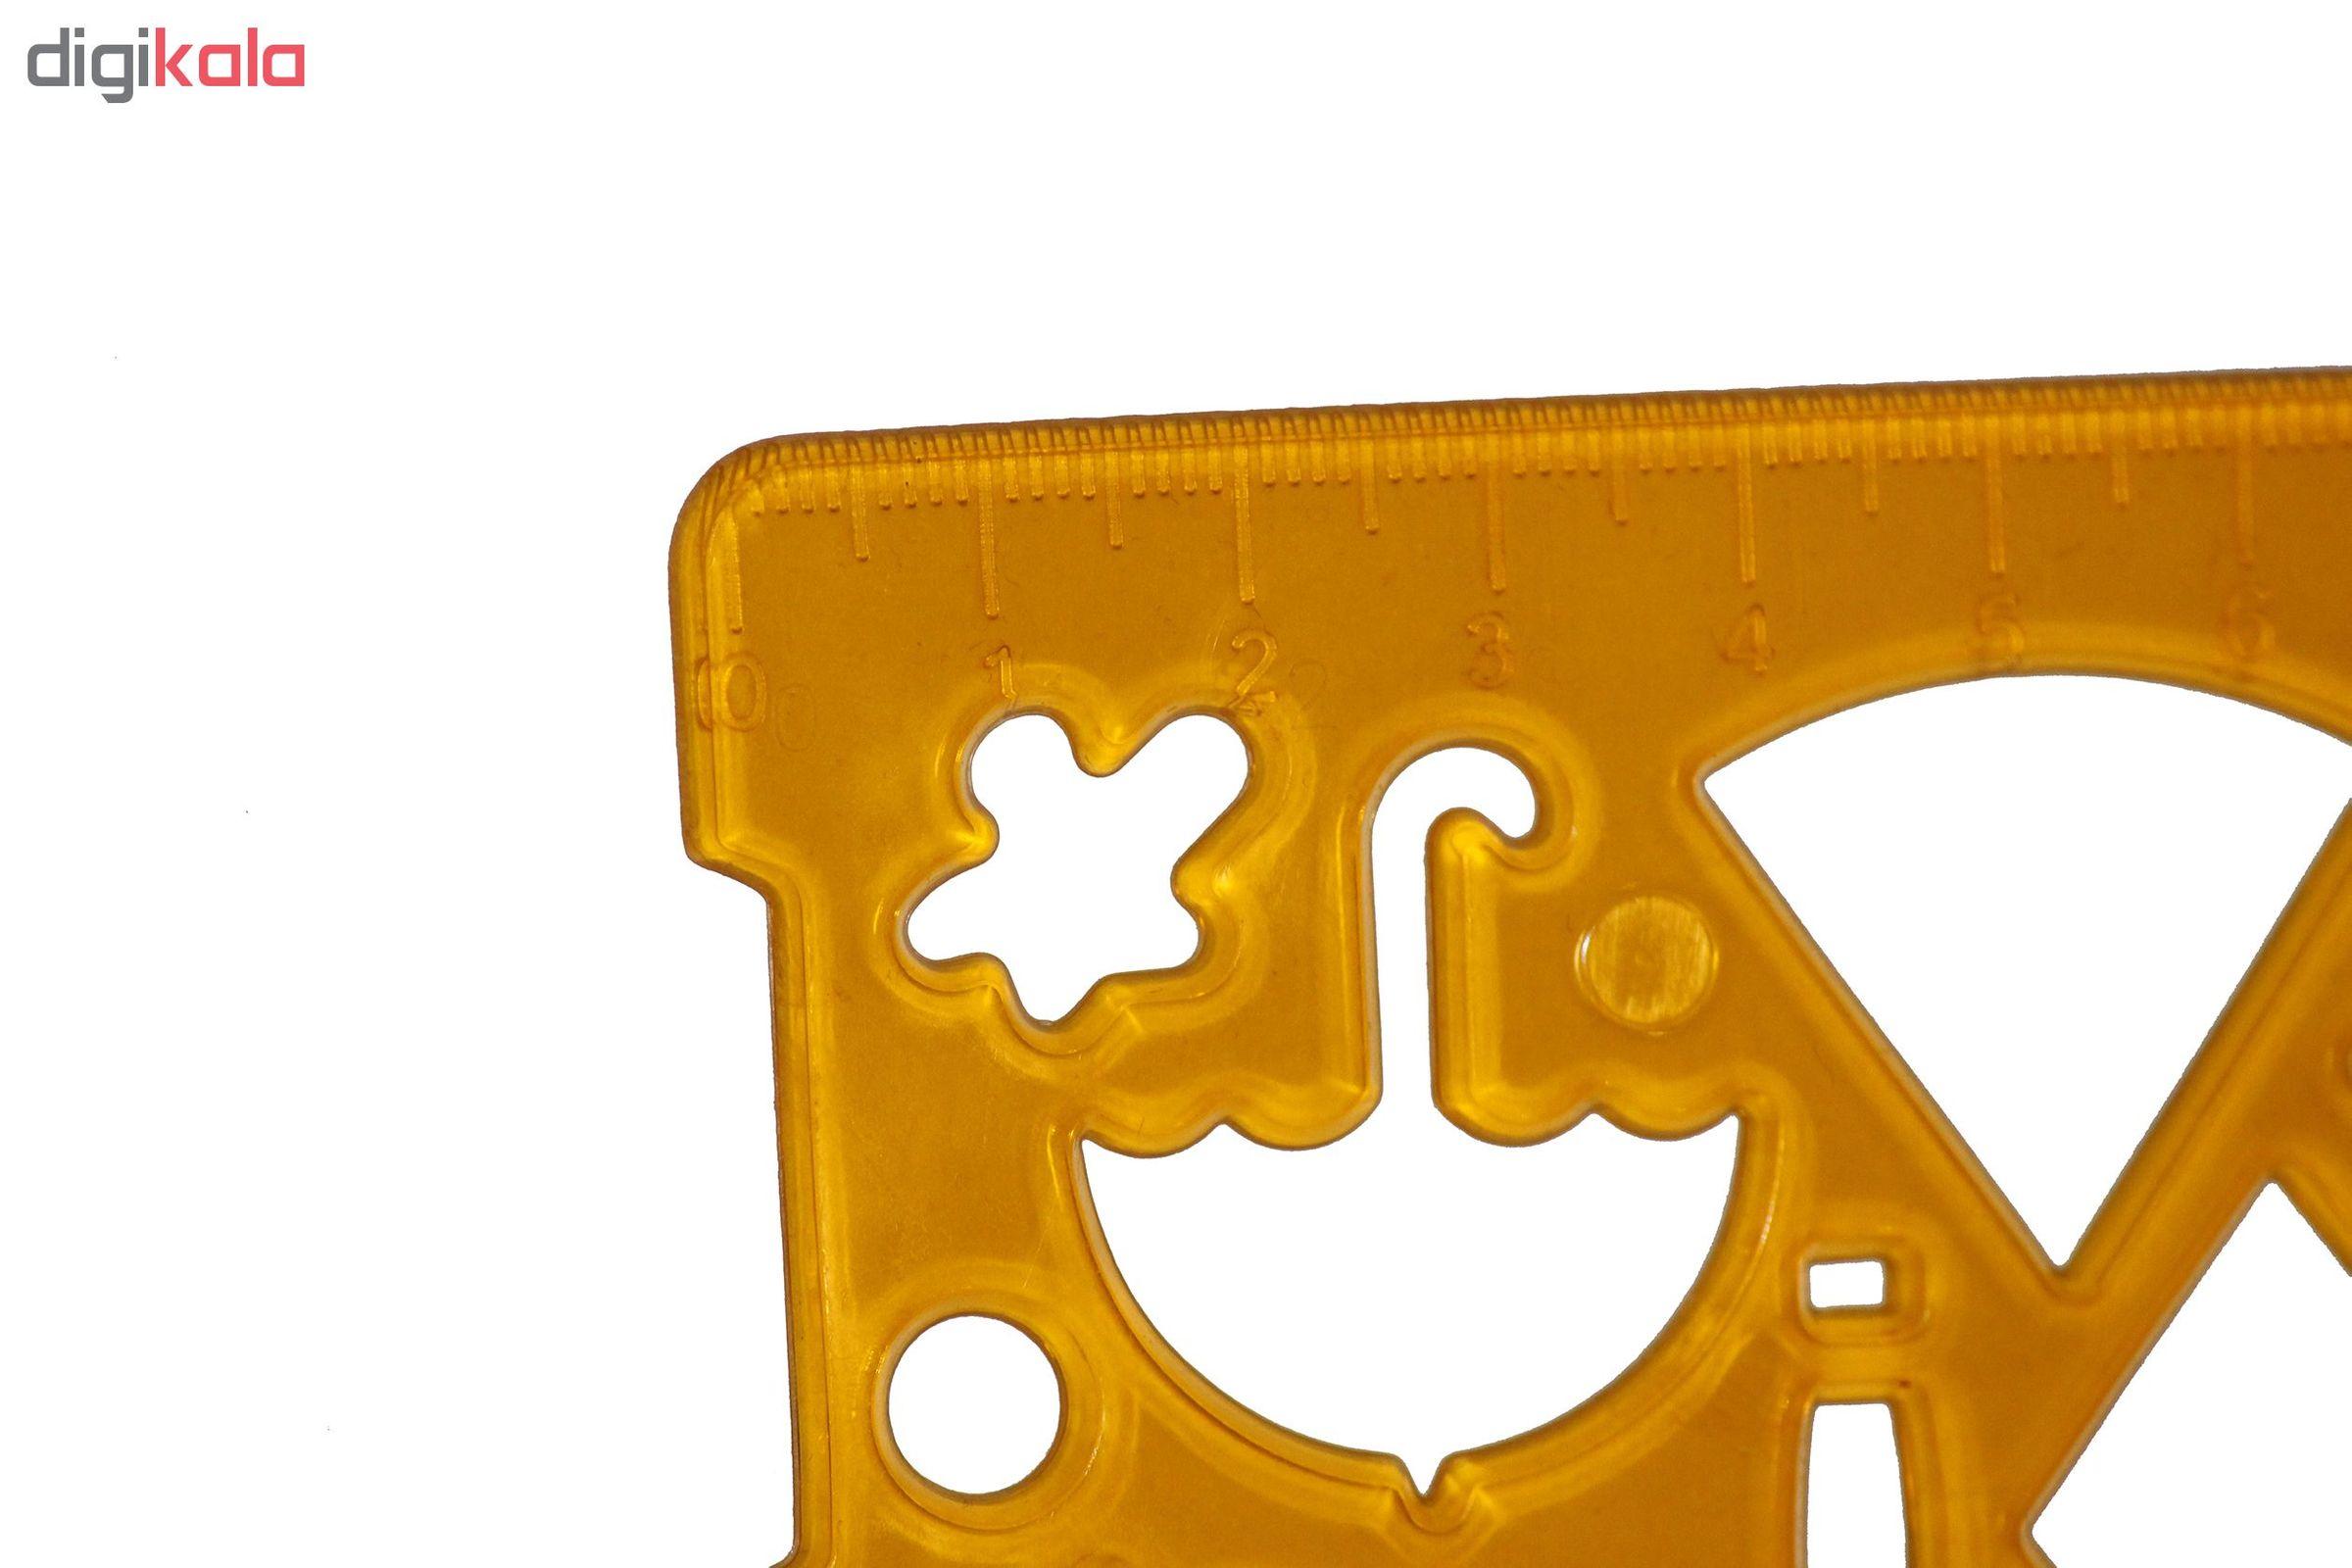 ست شابلون مدل Flexible بسته ۲ عددی main 1 5